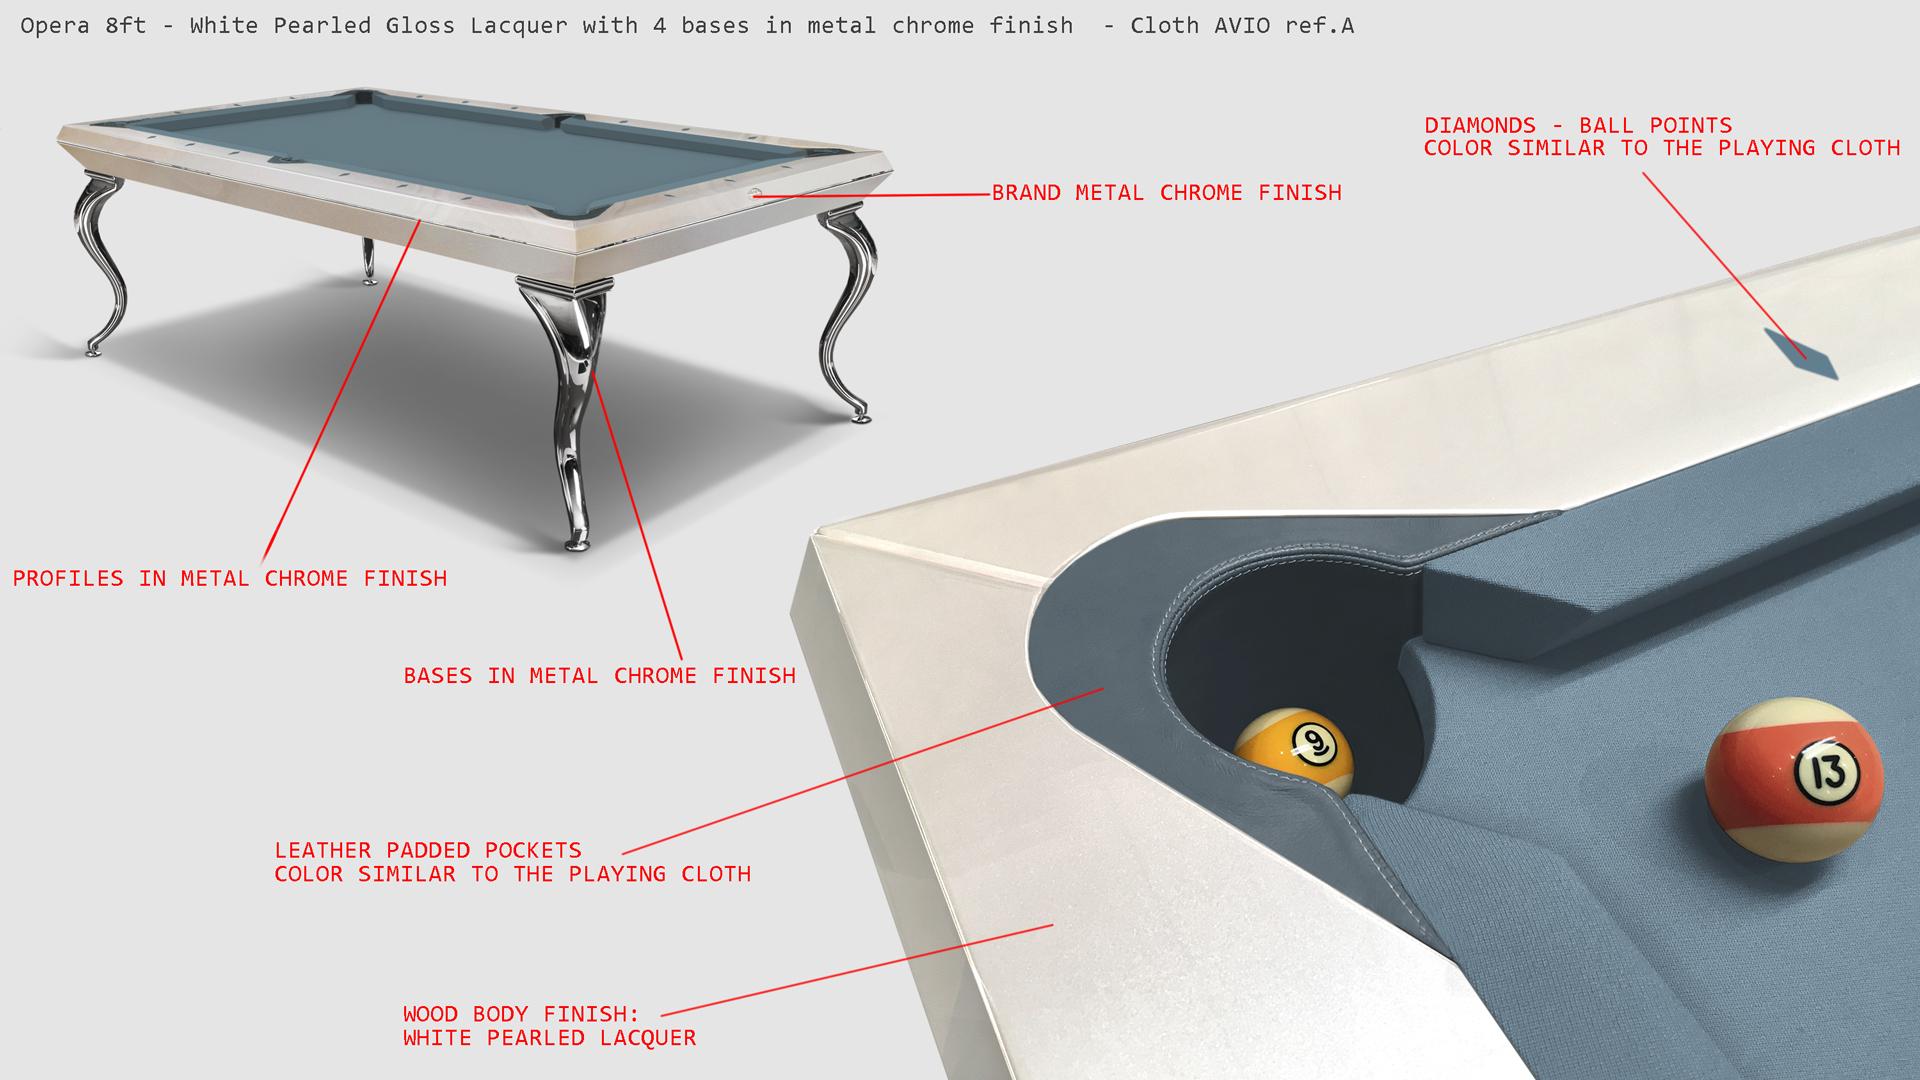 Opera billiard table White Pearled - Showroom Shop 4